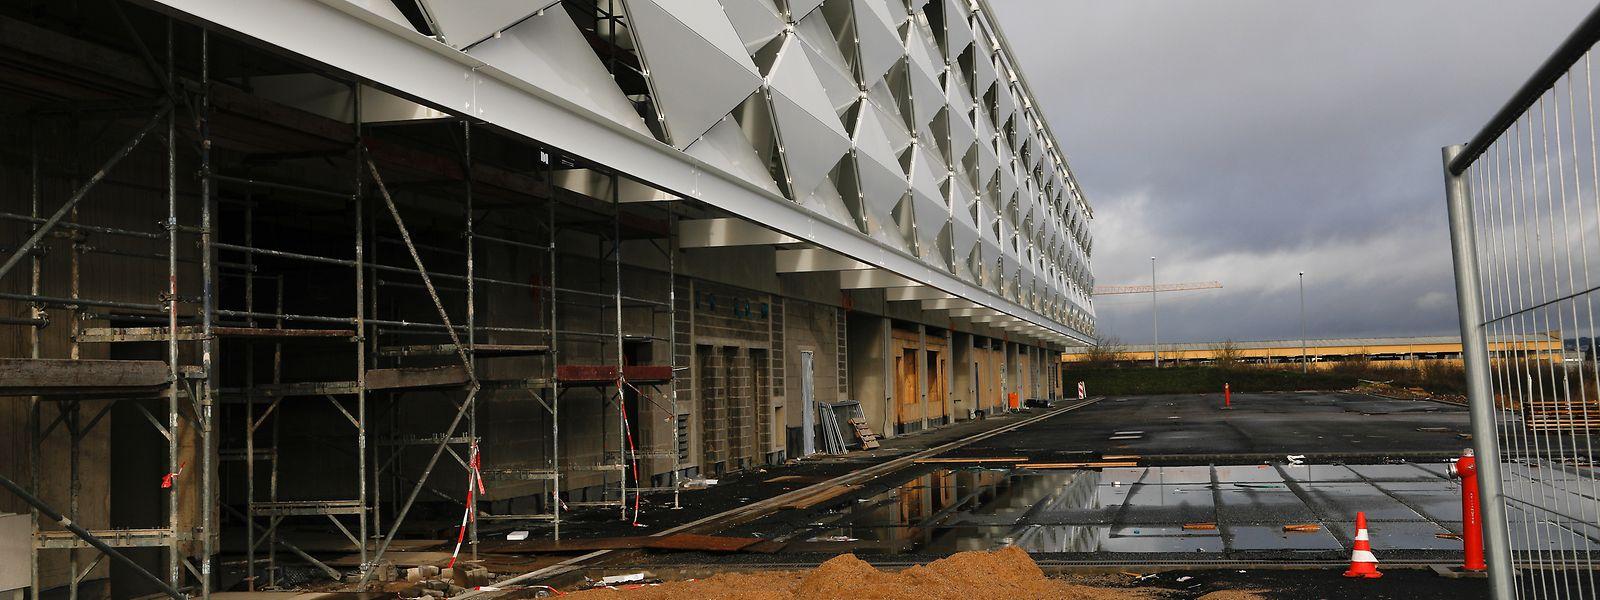 Die Bauarbeiten am neuen Fussball- und Rugbystadion sollten ursprünglich 2019 abgeschlossen sein.